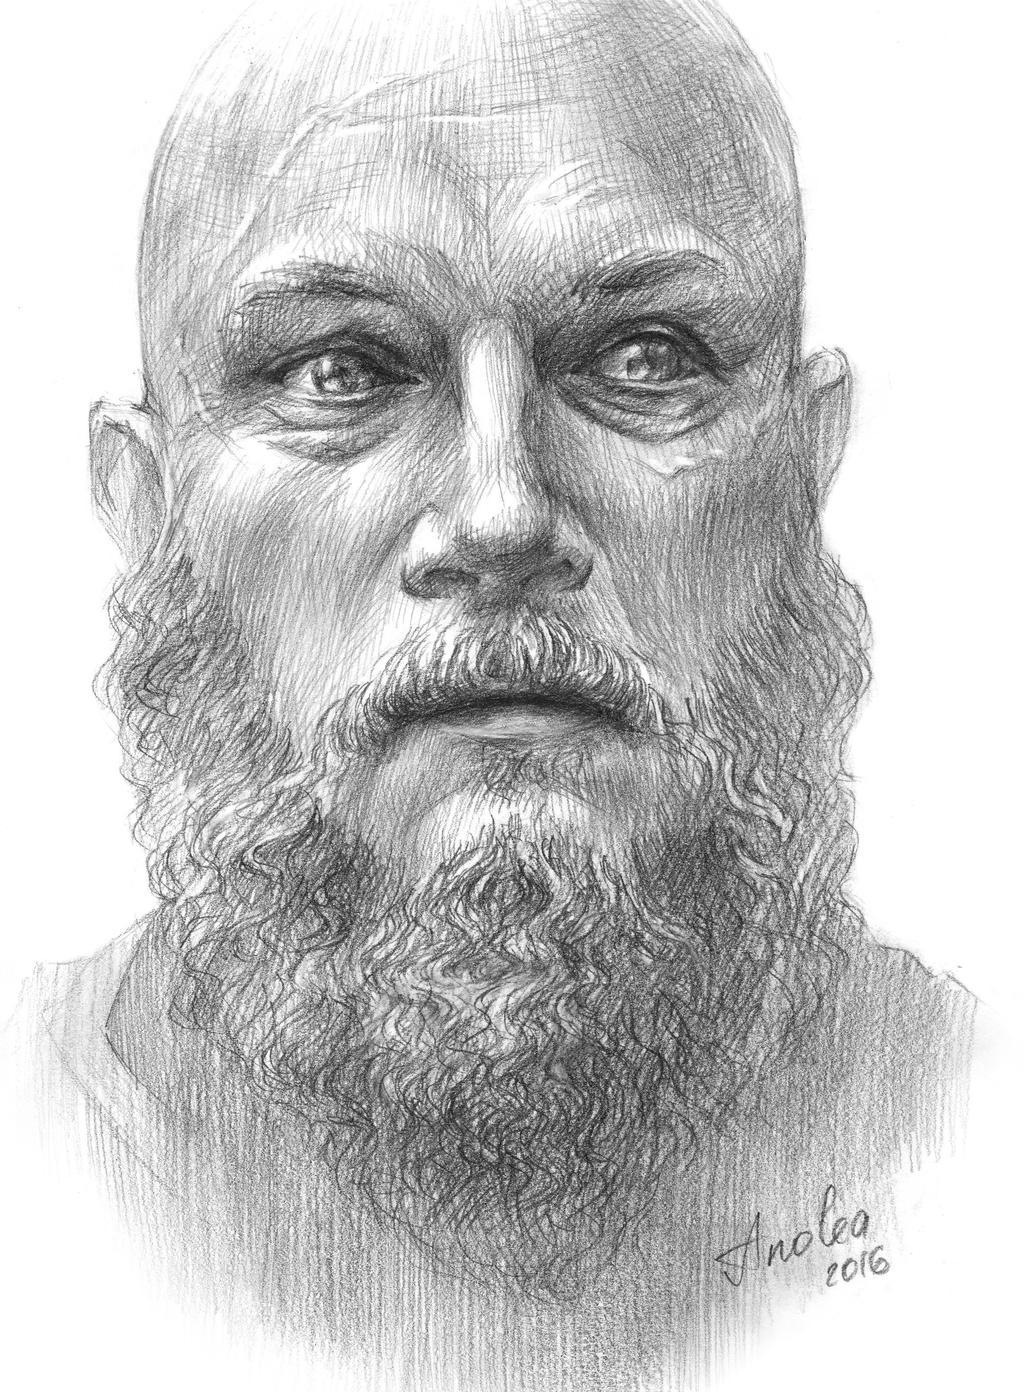 Ragnar Lodbrok By AnoleaNova On DeviantArt